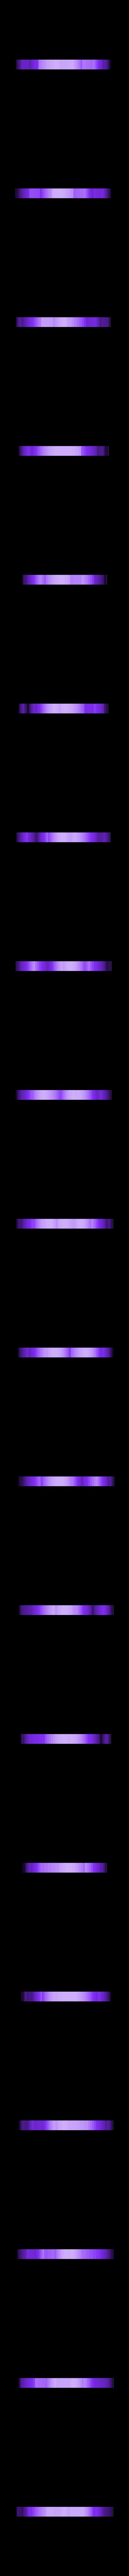 ClitoralFascia.stl Télécharger fichier STL Puzzle de la section tranchée du clitoris • Plan pour impression 3D, 3D_Maniac